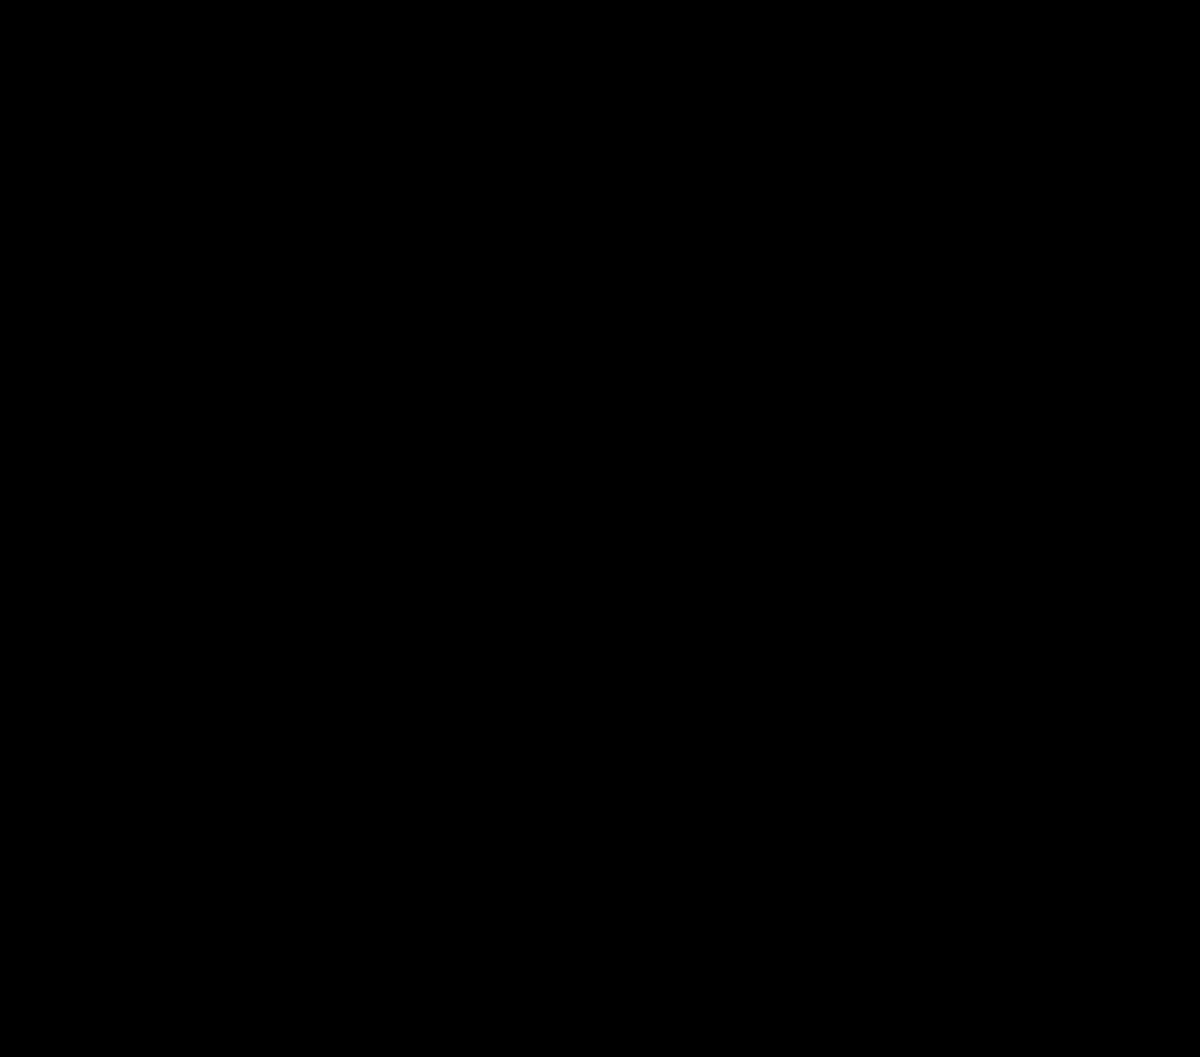 Rondje Bier Dienblad met Gaten 170200 – plek voor 12 glazen